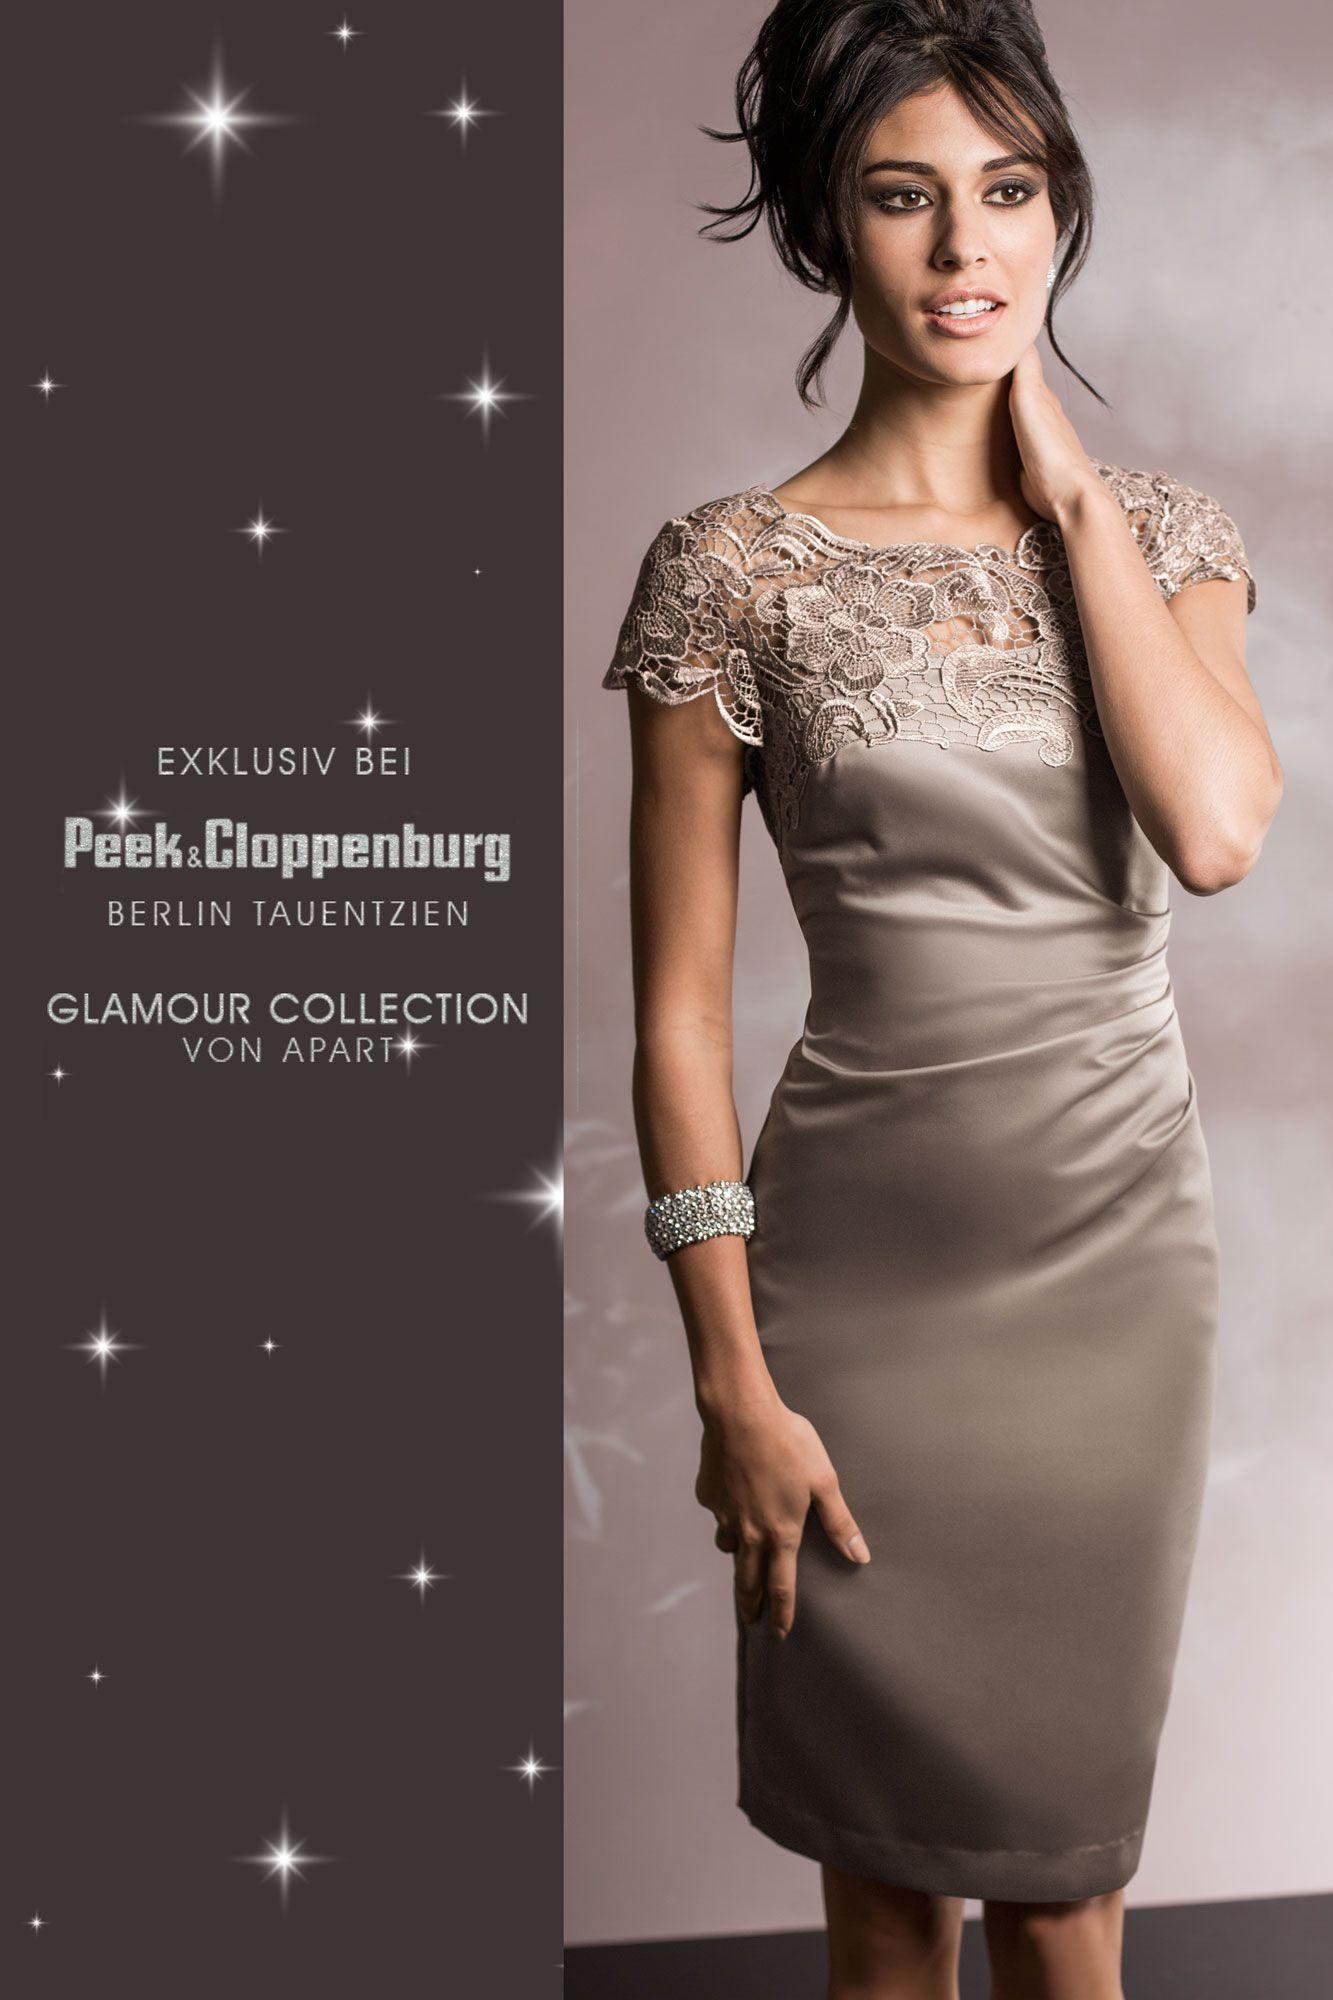 Jetzt NEU: APART´s Glamour Collection exklusiv bei Peek&Cloppenburg ...